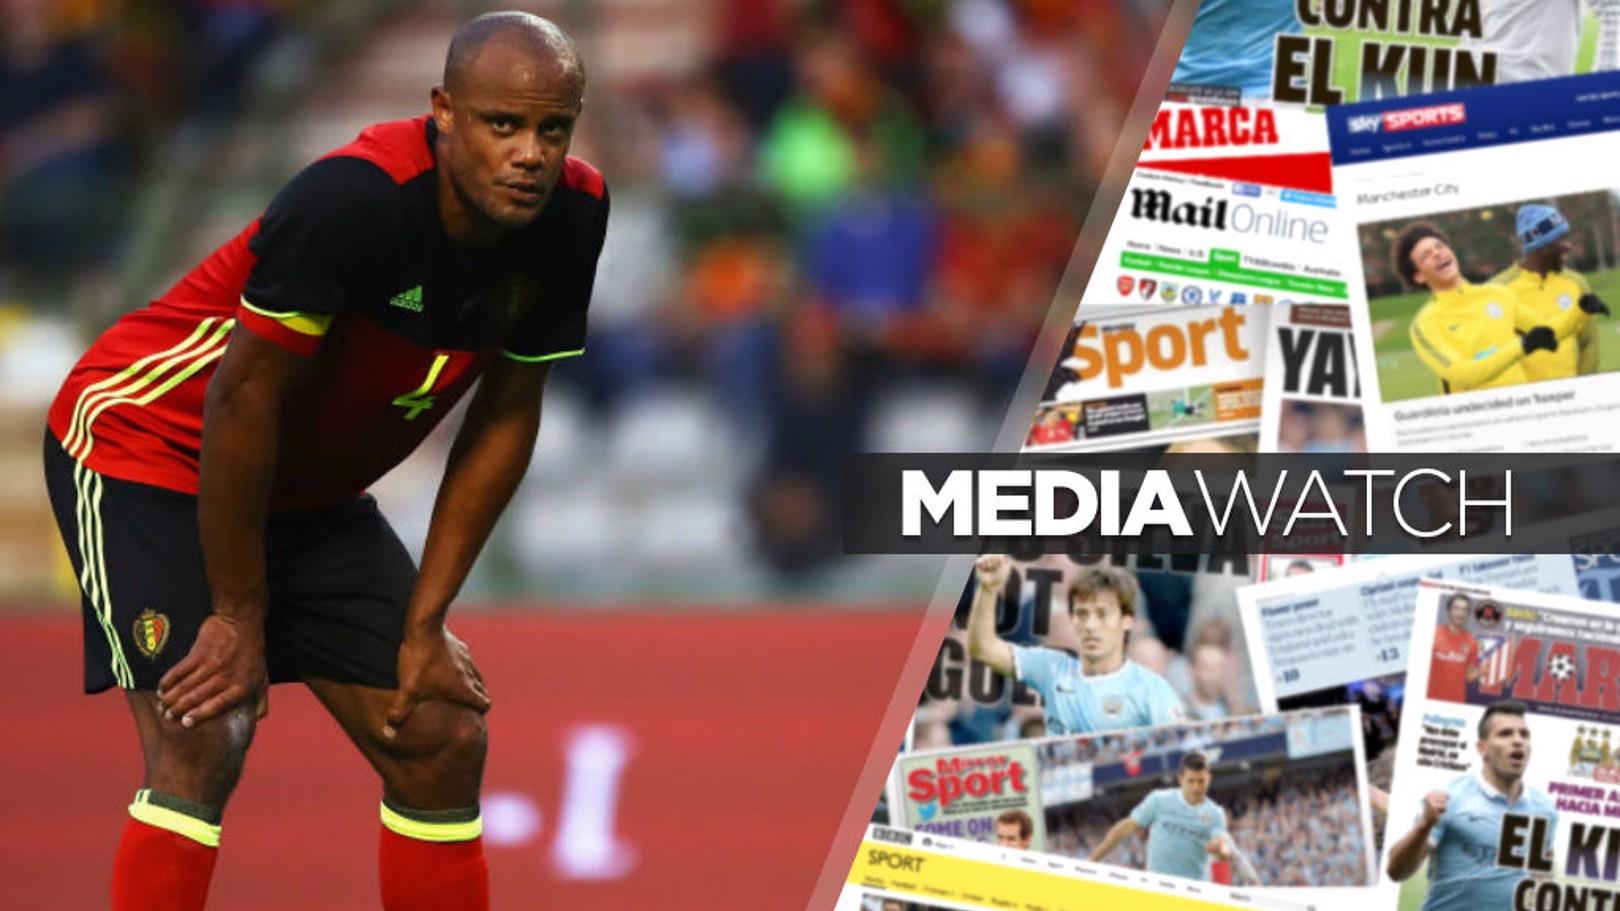 월드컵 23인 명단에 포함된 빈센트 콤파니